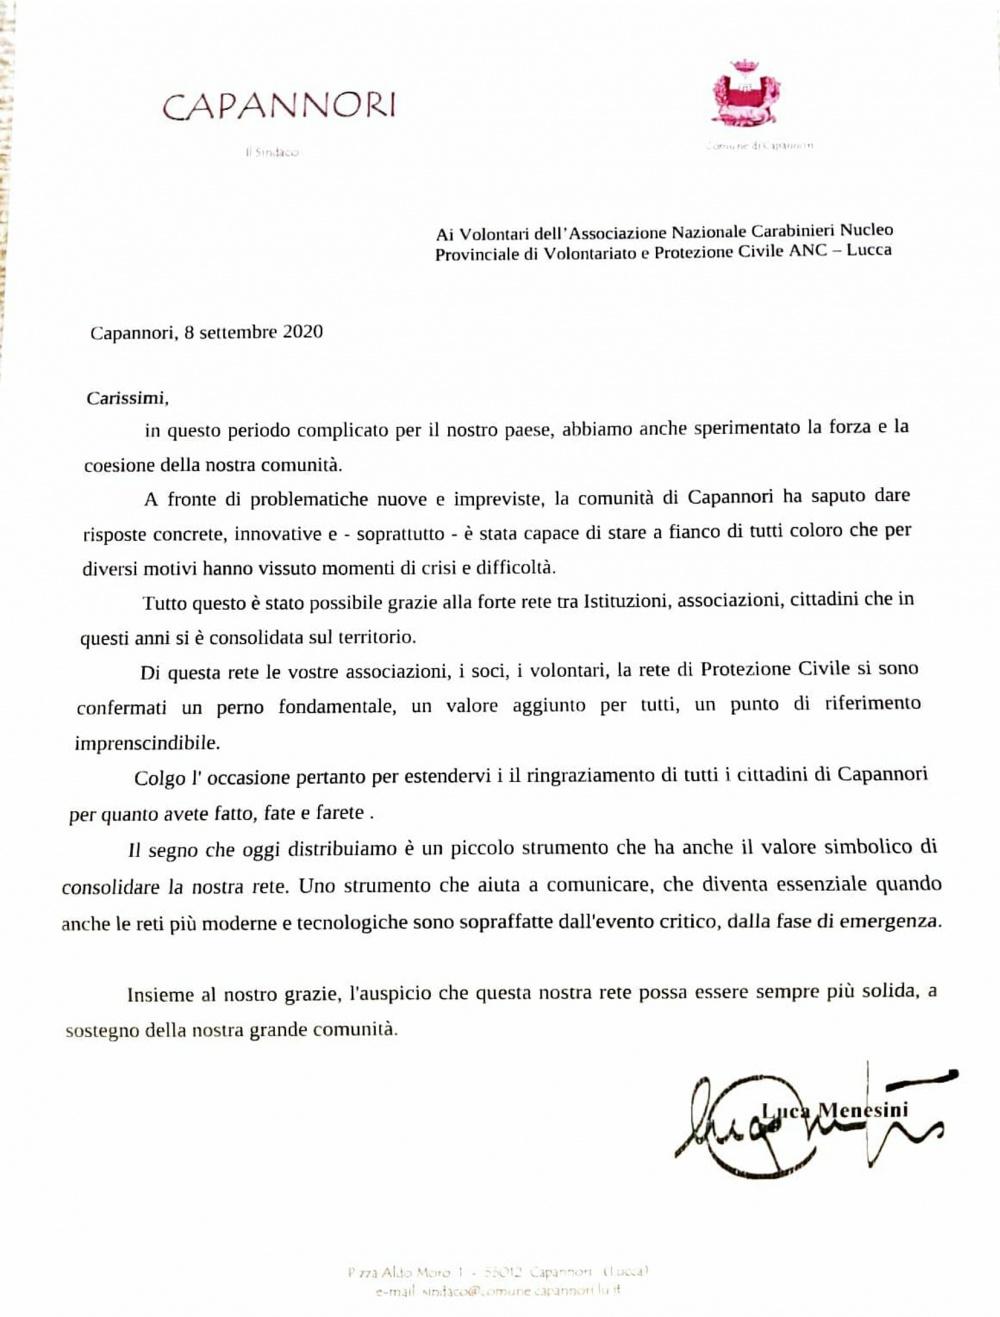 Il dono del Sindaco di Capannori alle associazioni di Prot. Civile